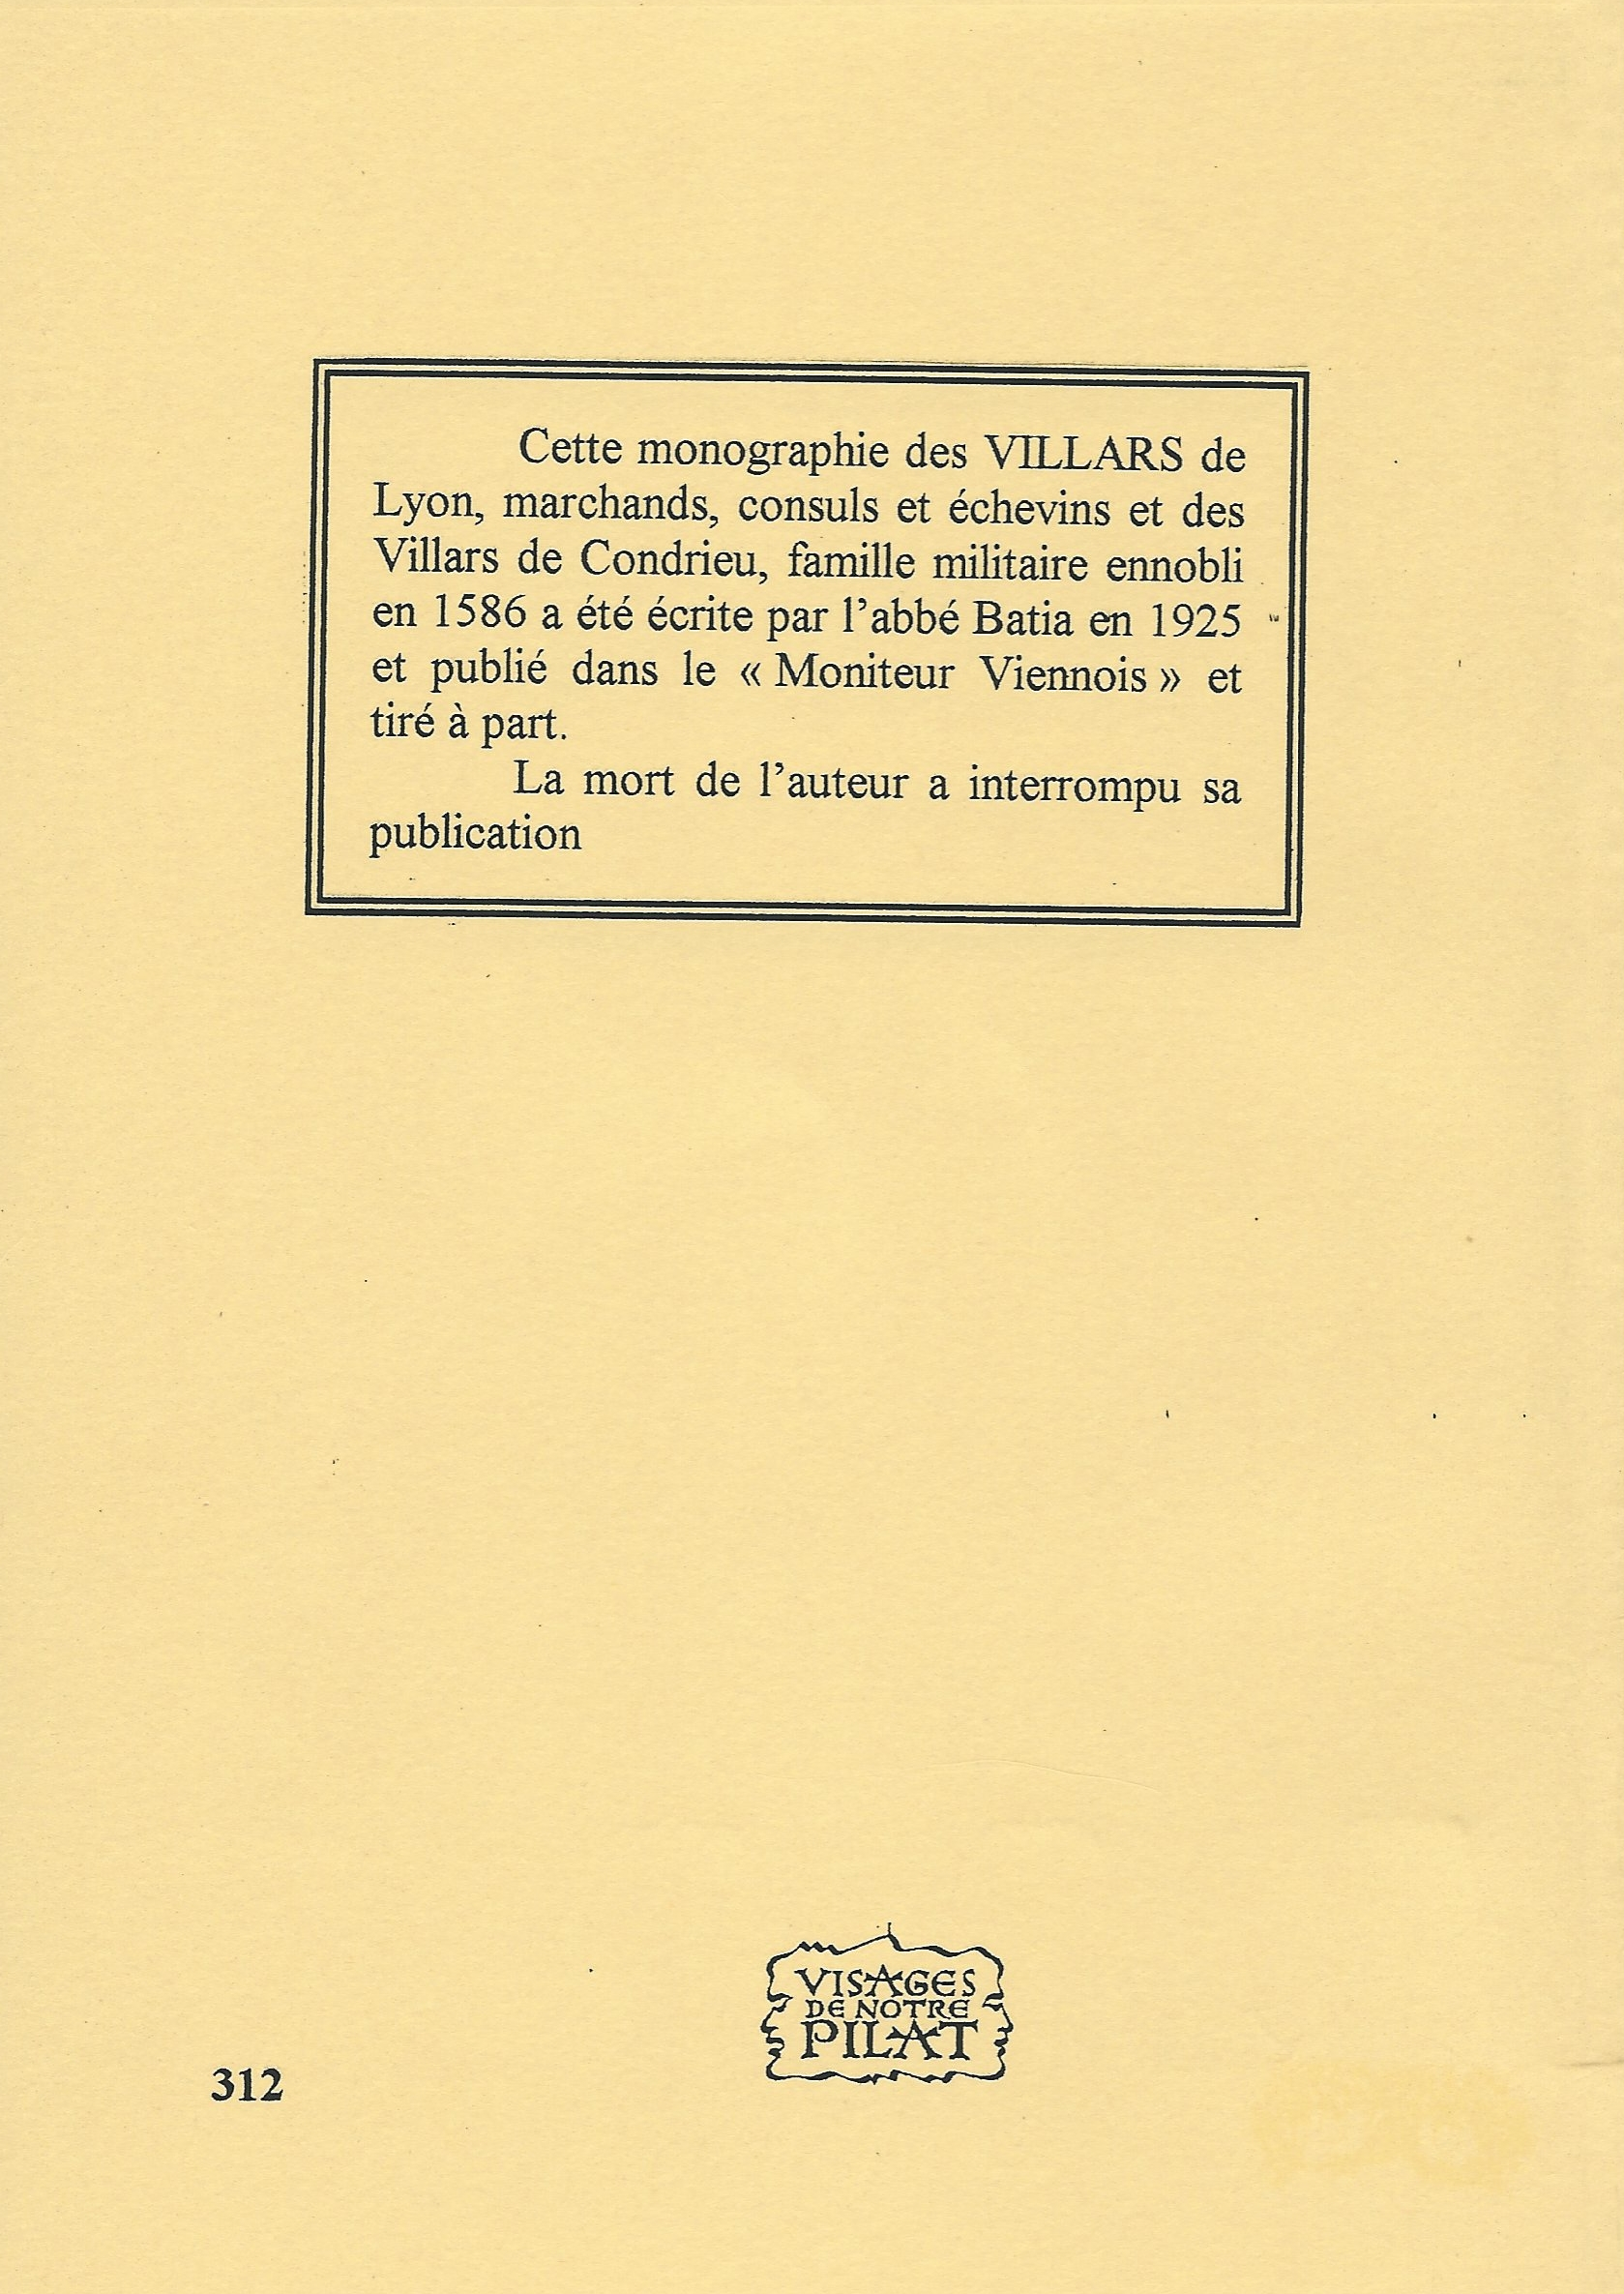 312-2.jpg